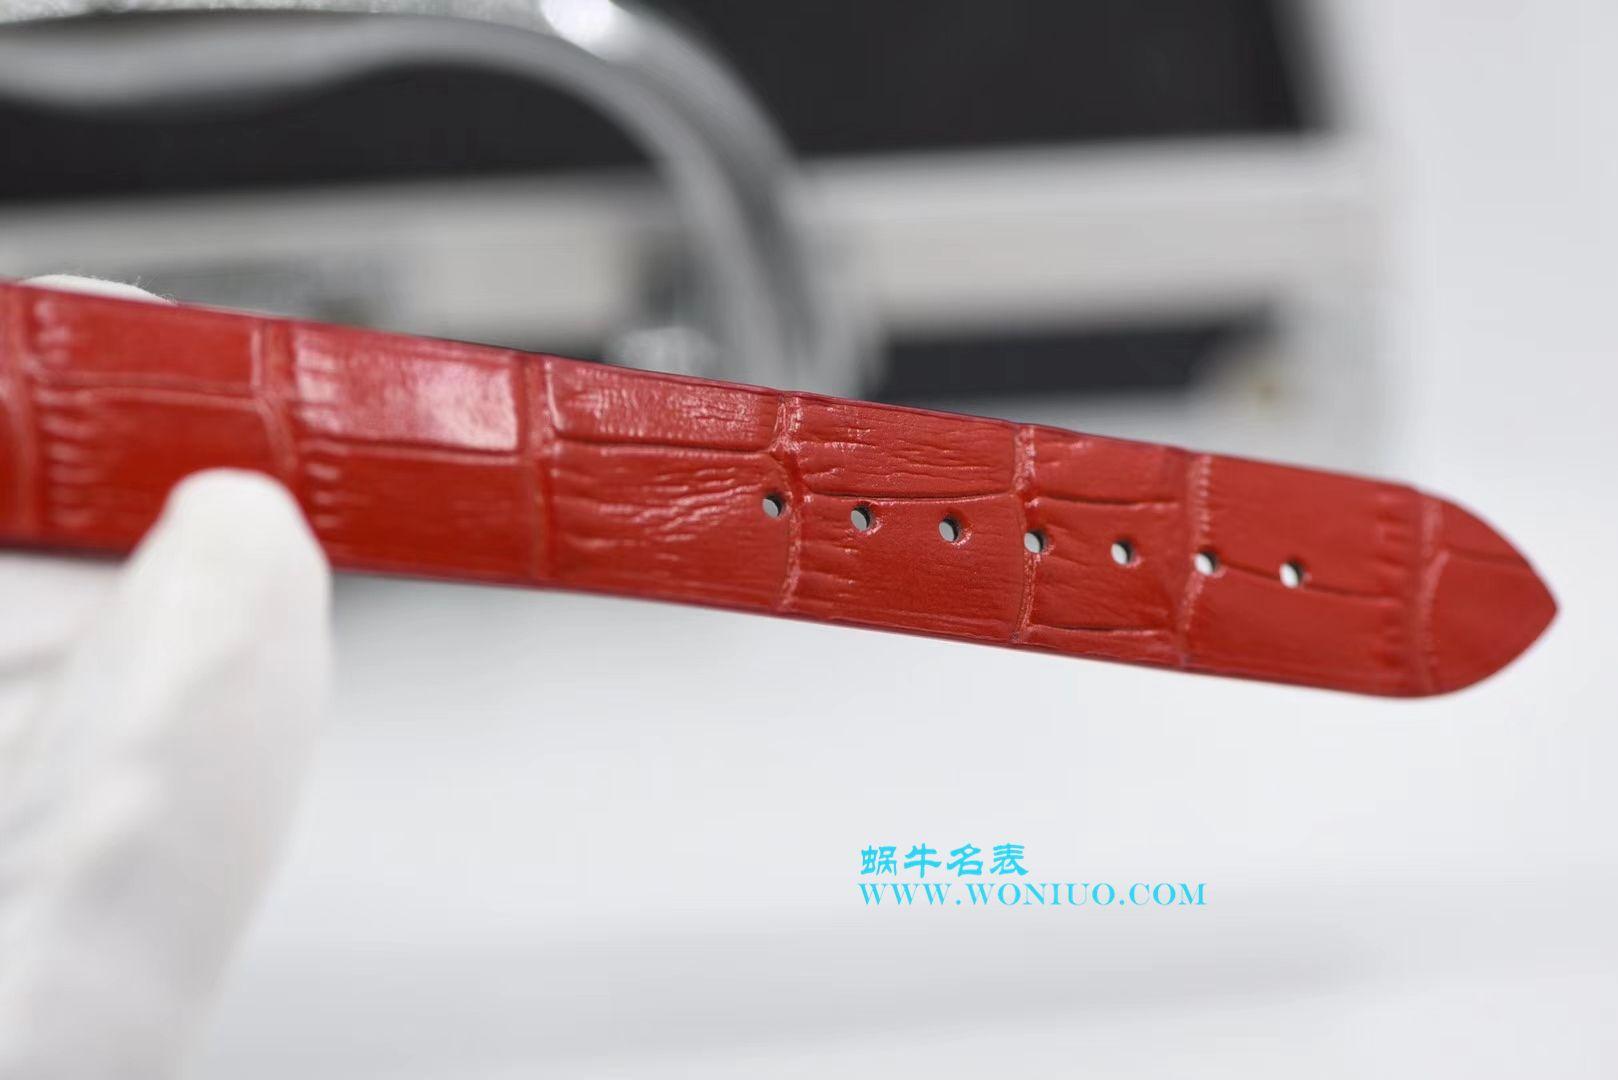 最新力作 原版开模 香家BOY·FRIEND系列腕表设计灵感源自香家成名已久的PREMIÈRE系列产品